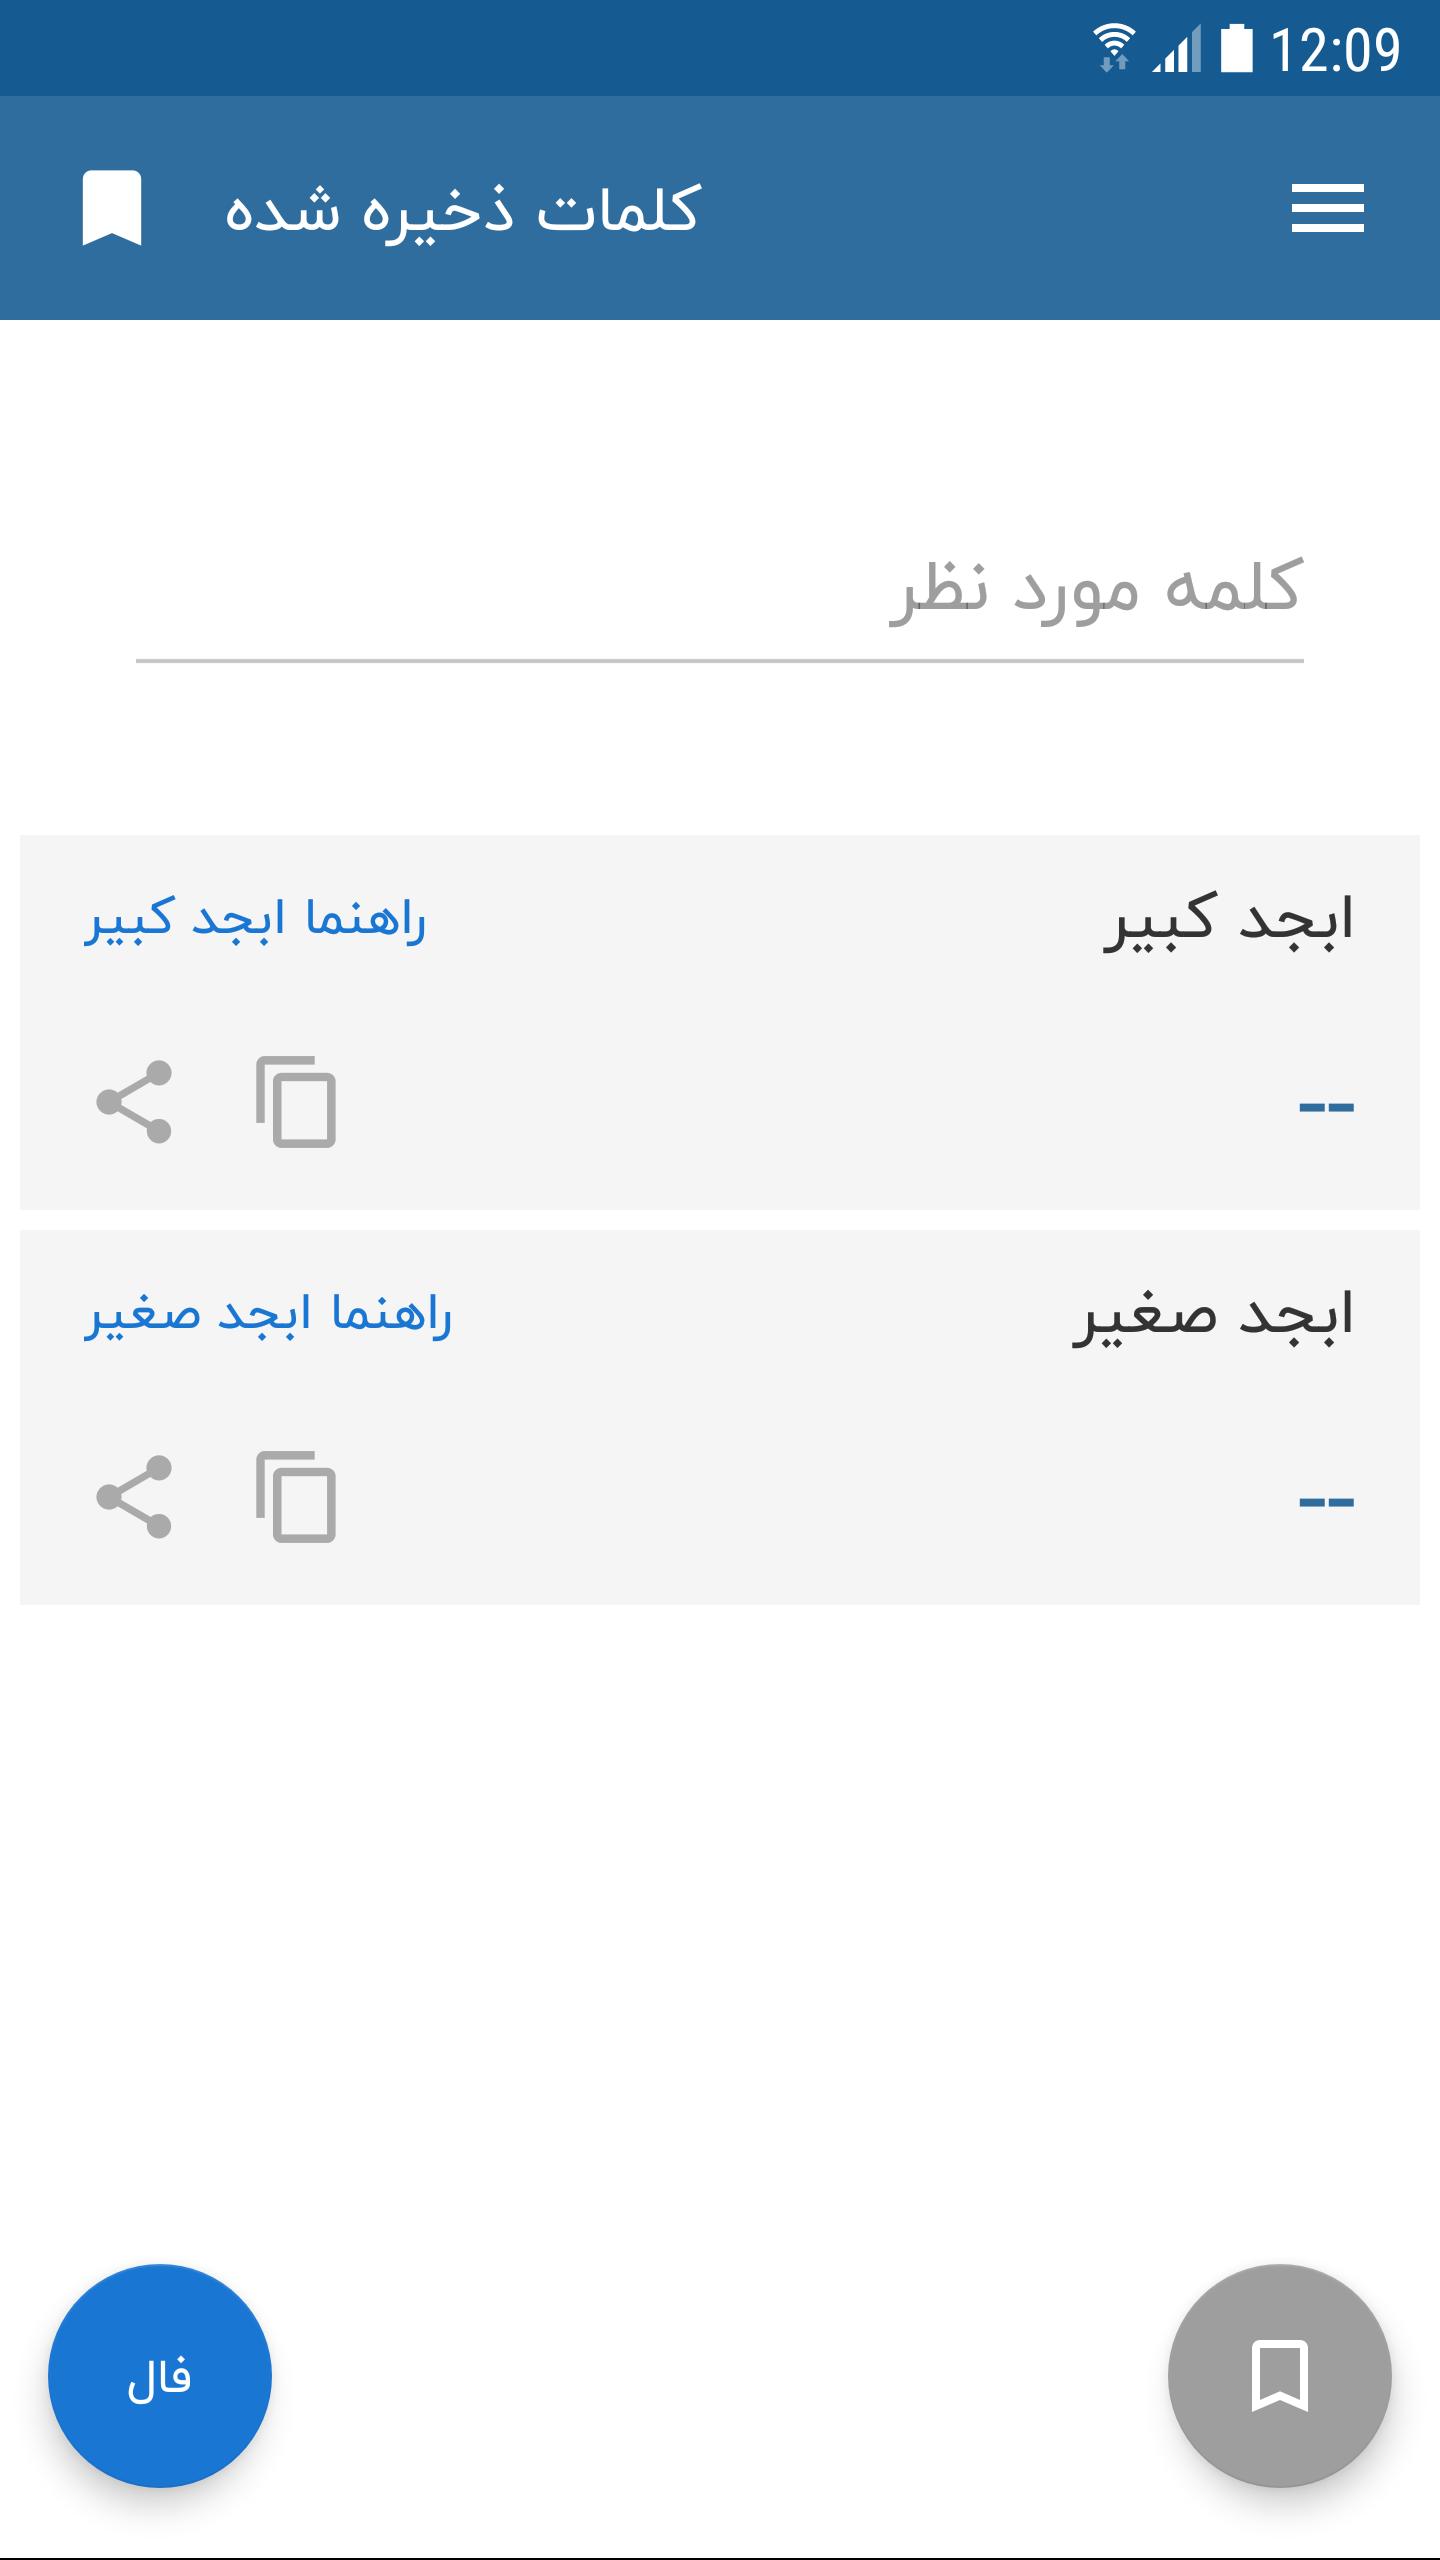 تصویر 5 فال ابجد + محاسبه ابجد